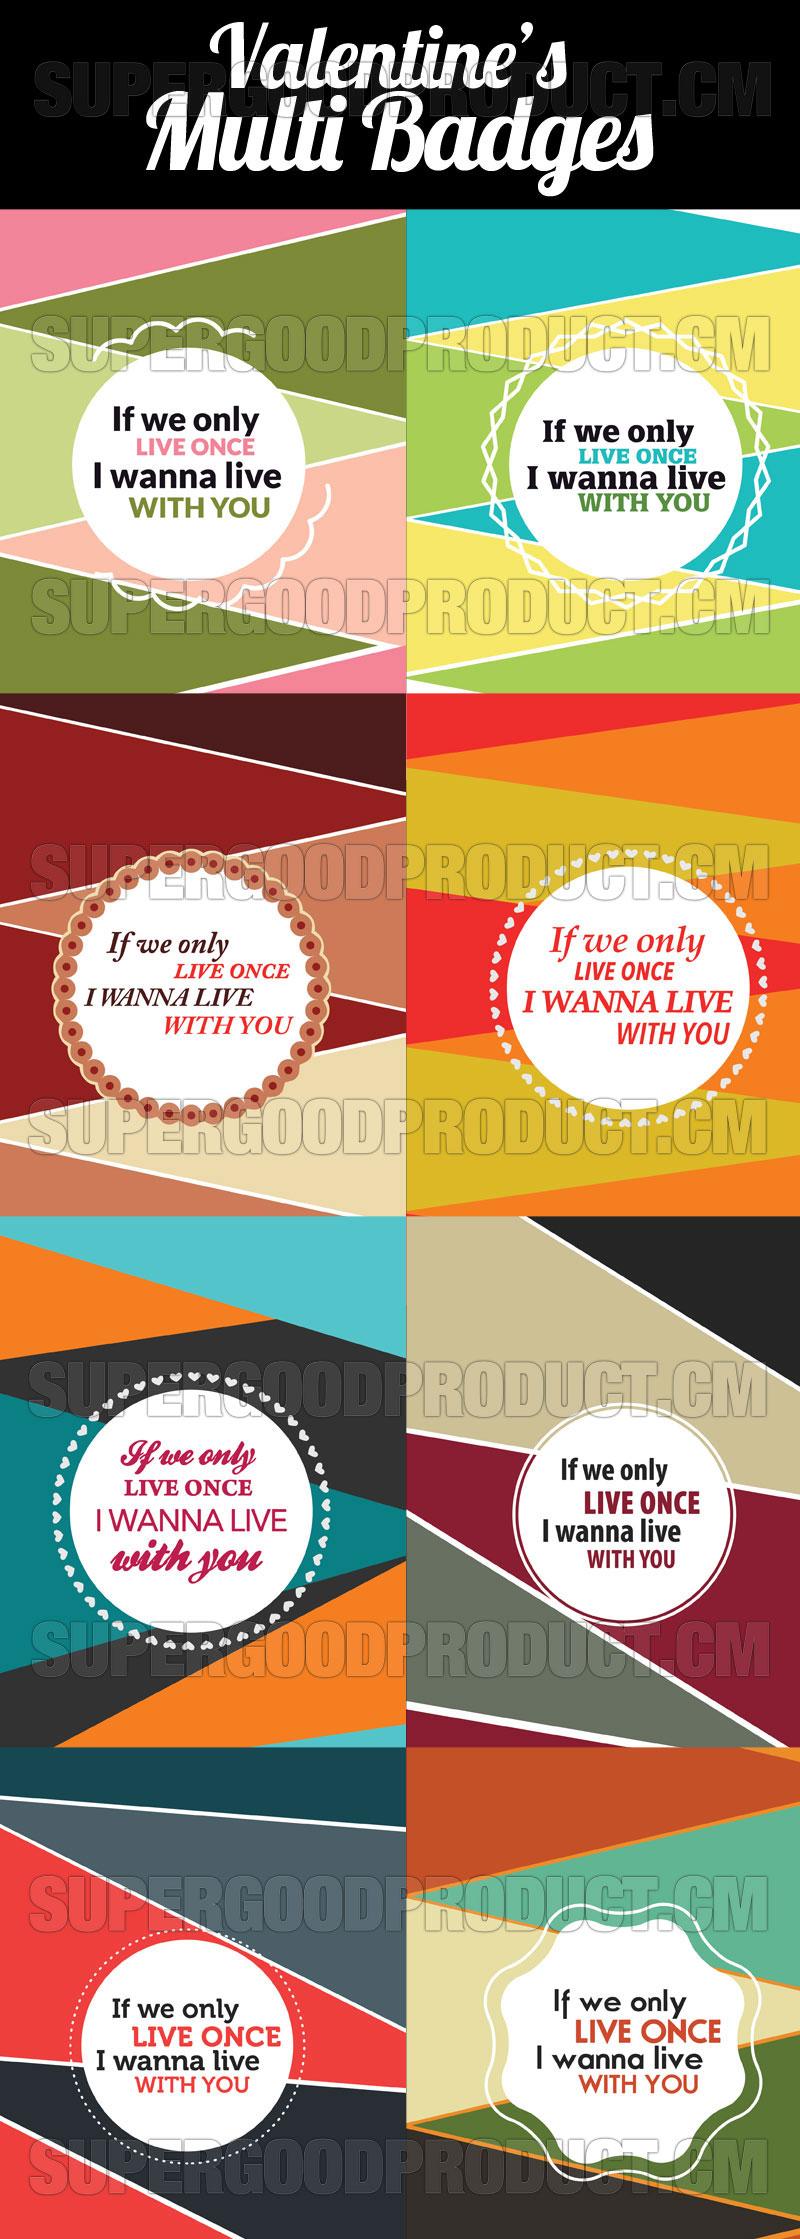 Valentines-Multi-Badges